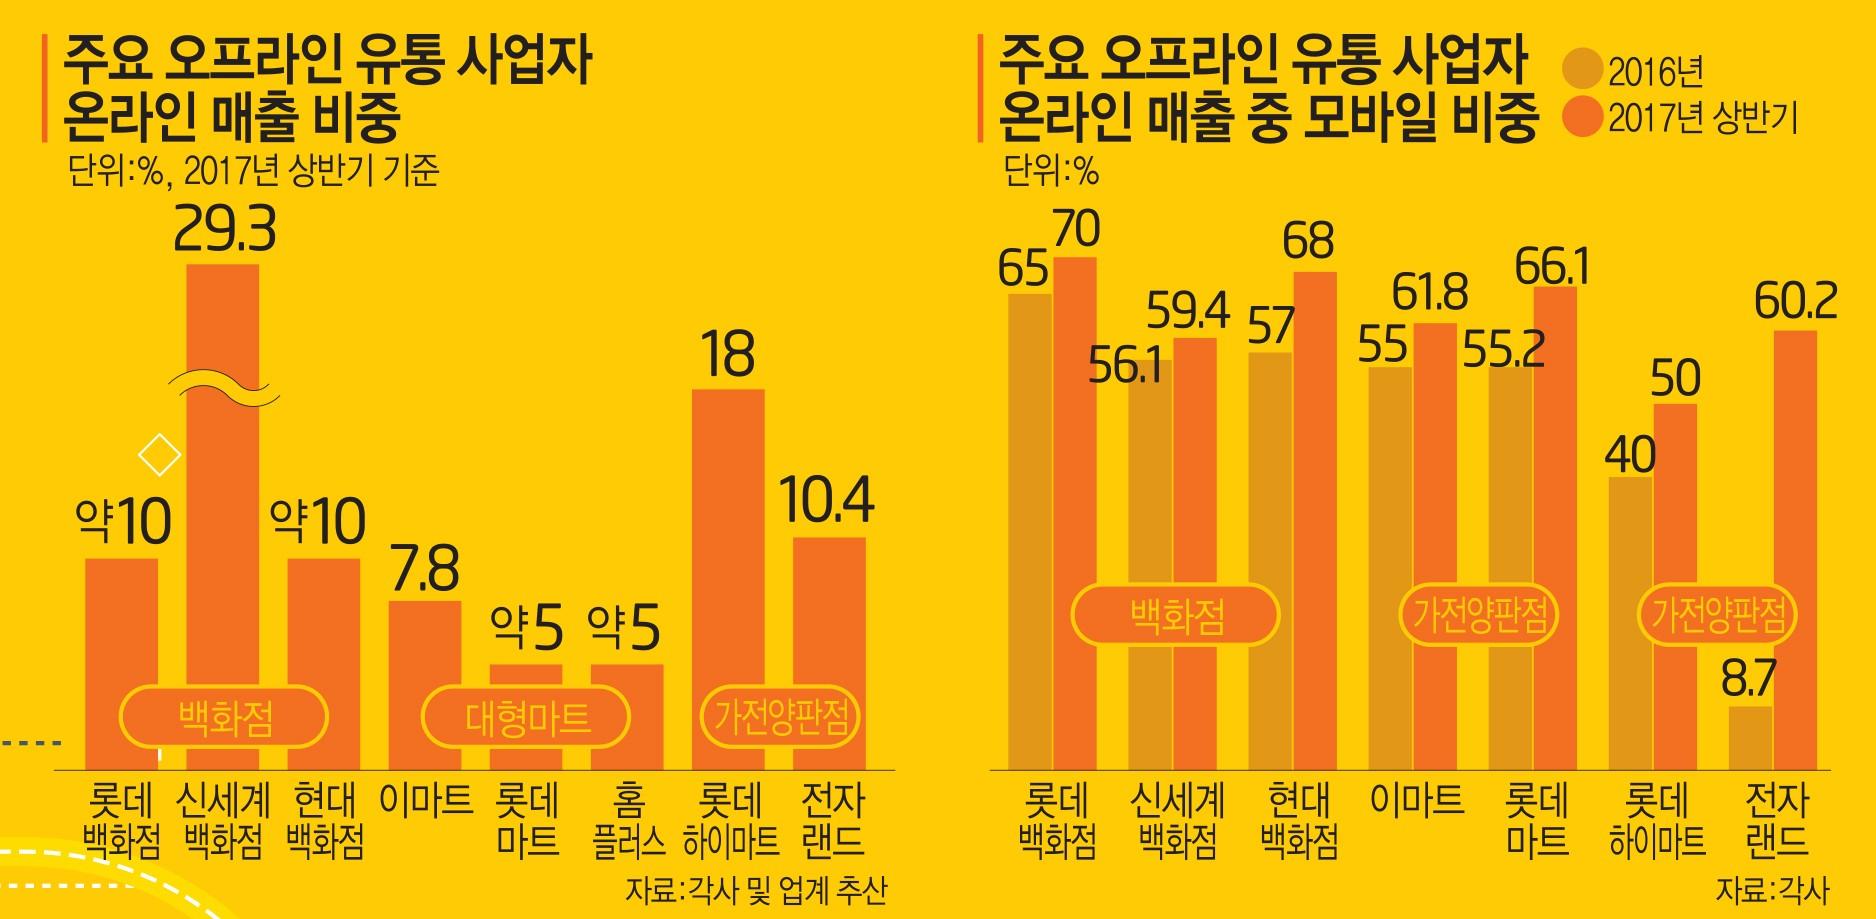 [이슈분석]백화점·가전양판·대형마트, 온라인 진격 가속패달